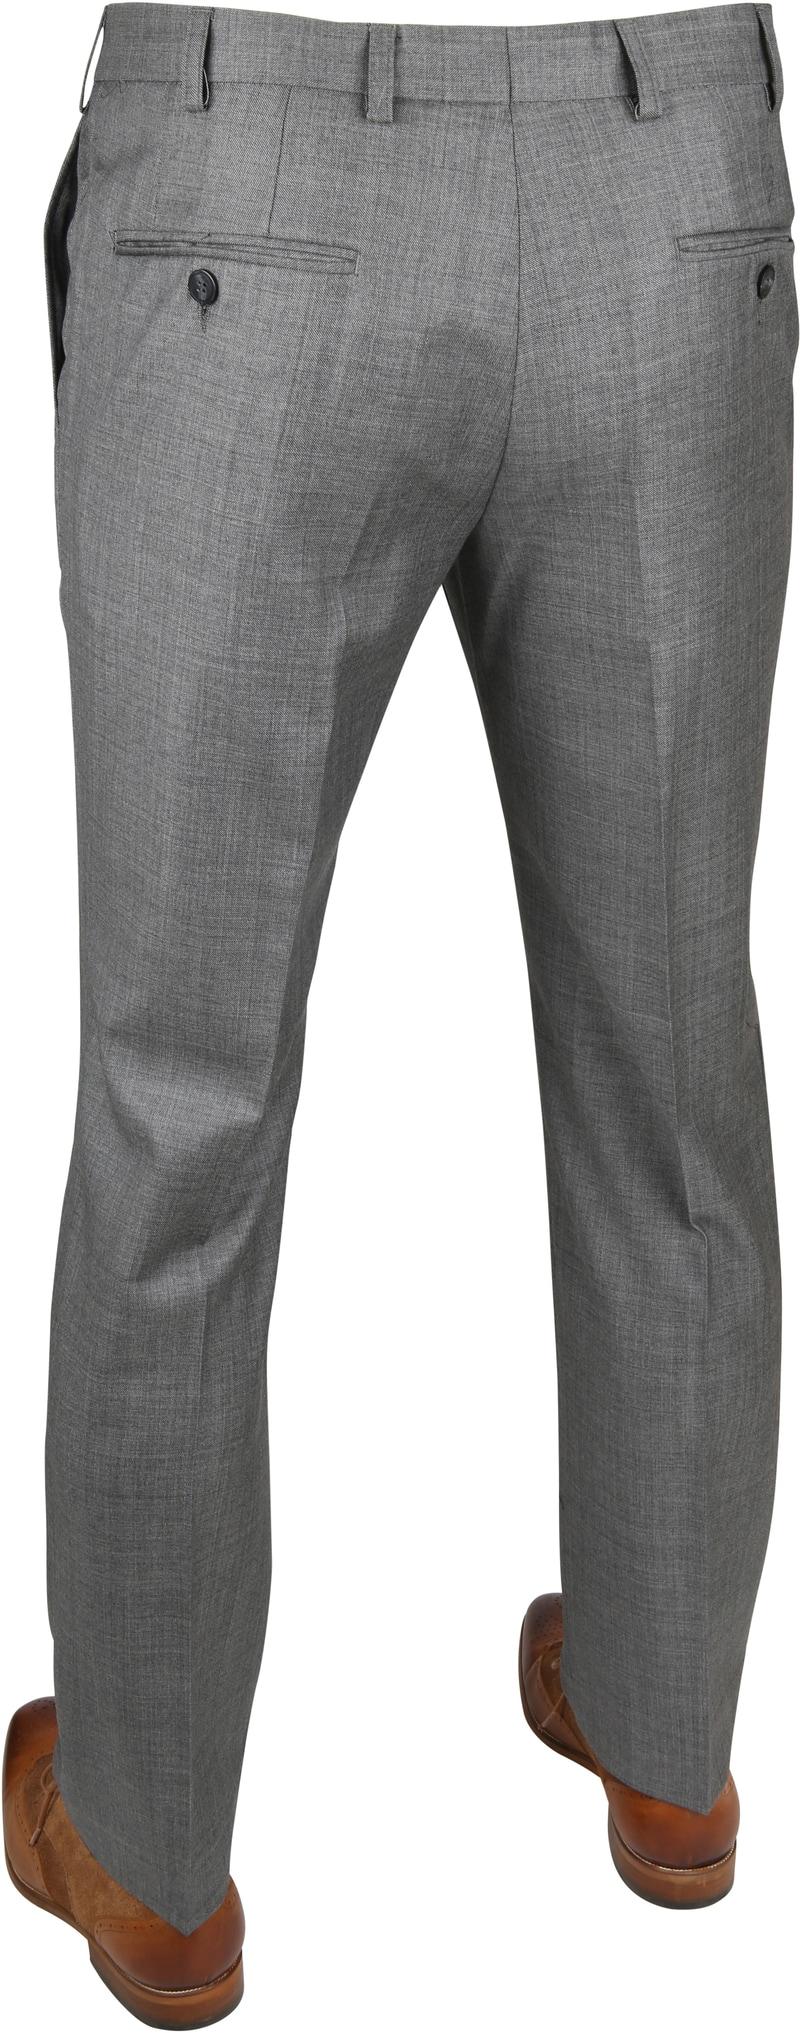 Suitable Pantalon Evans Antraciet foto 3